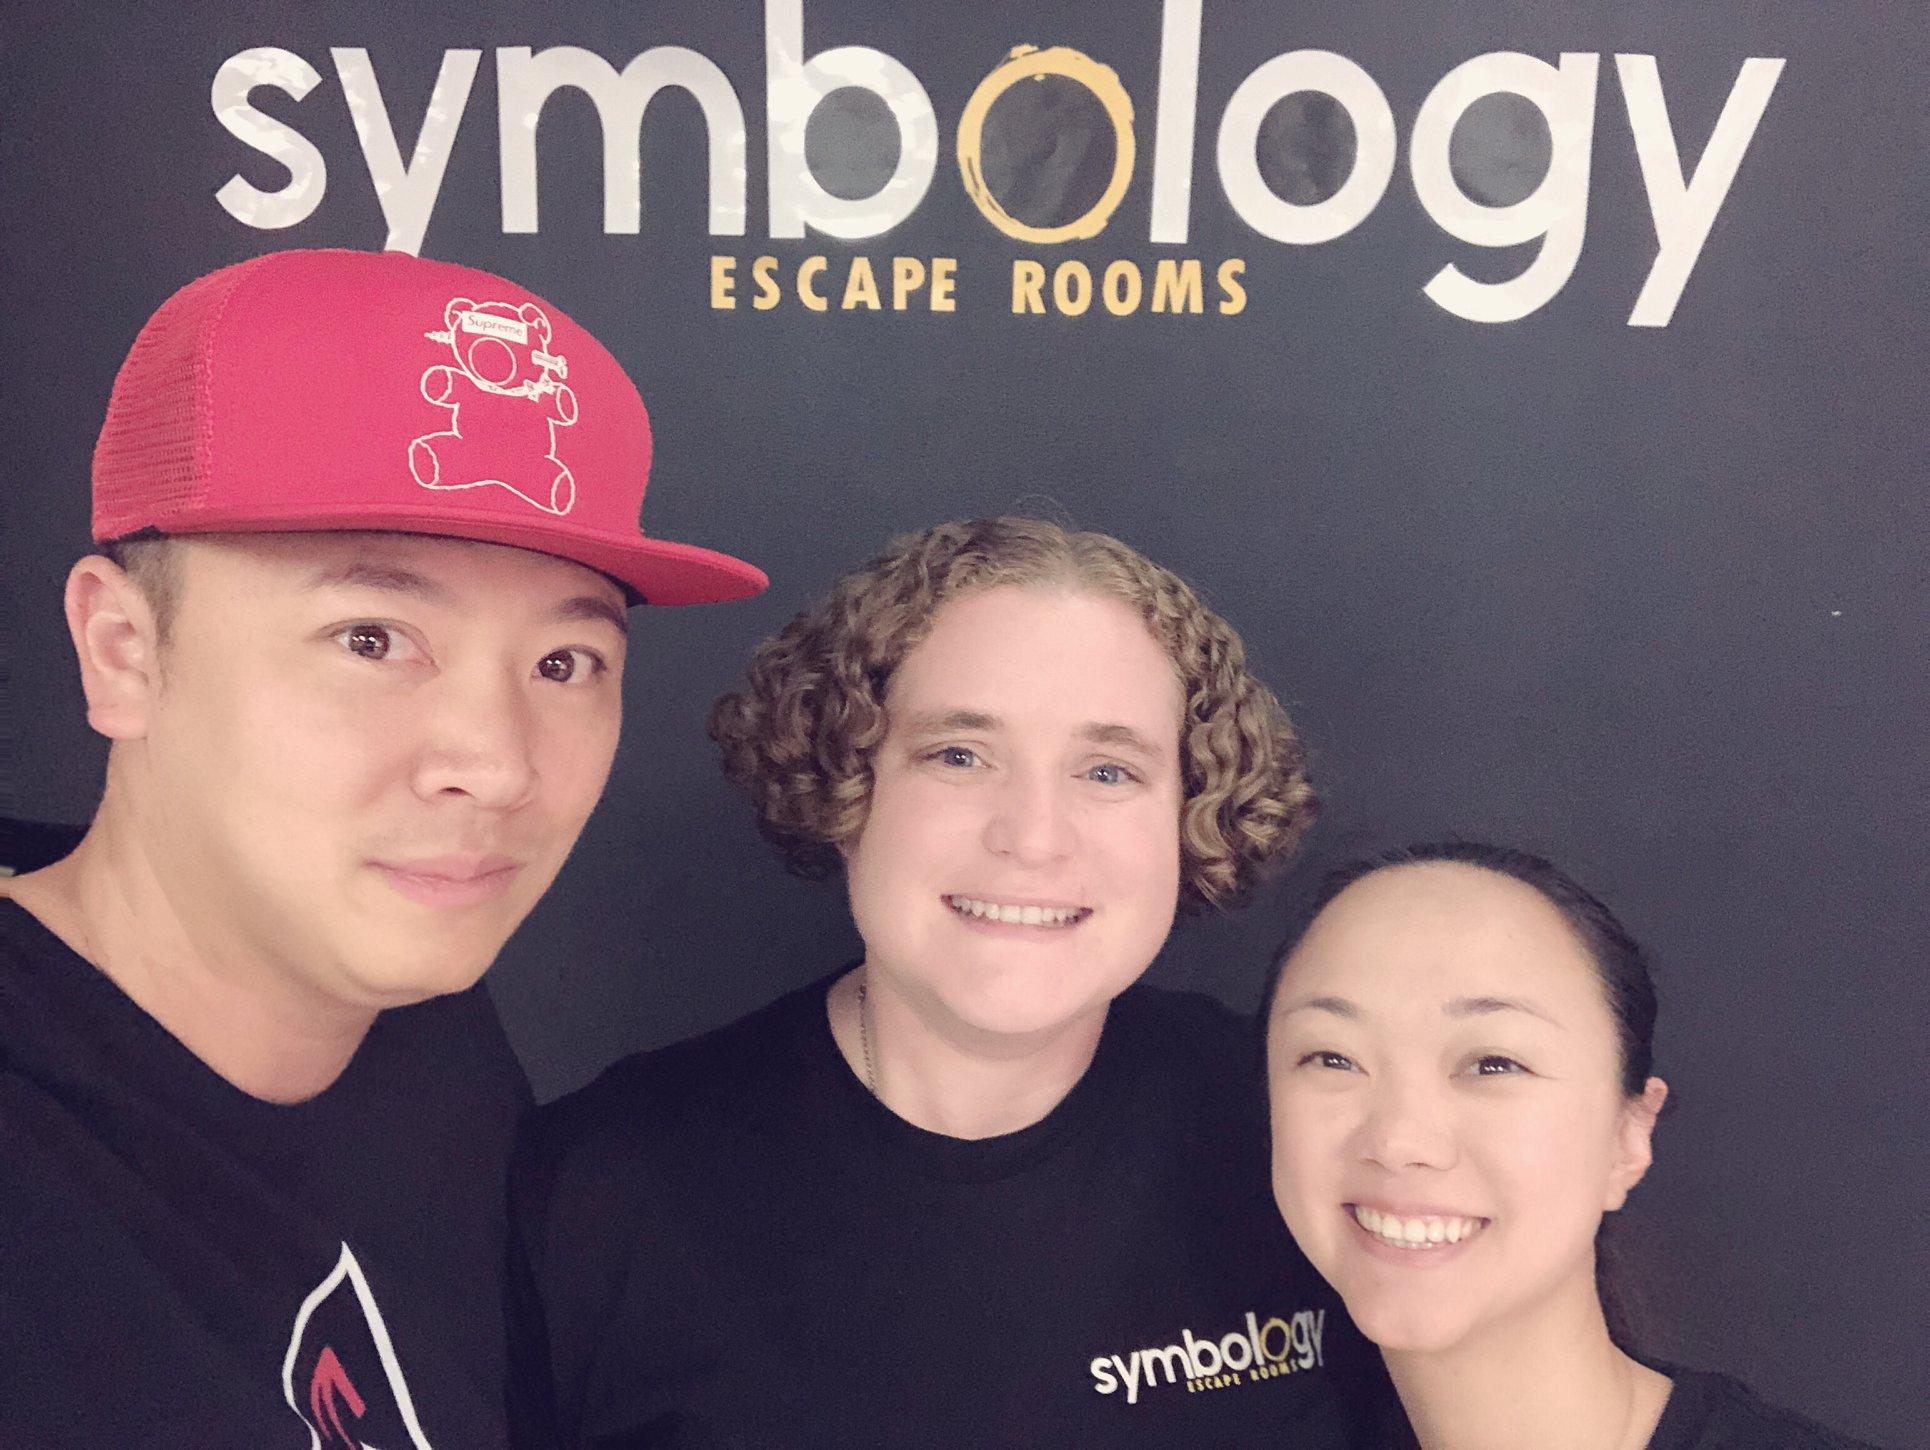 Symbology Escape Rooms